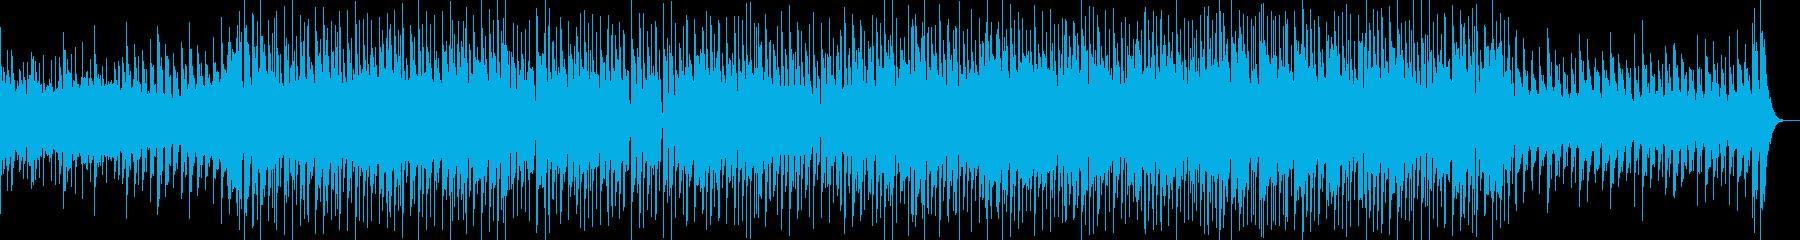 ちょっとポップでちょっと切ないBGMの再生済みの波形